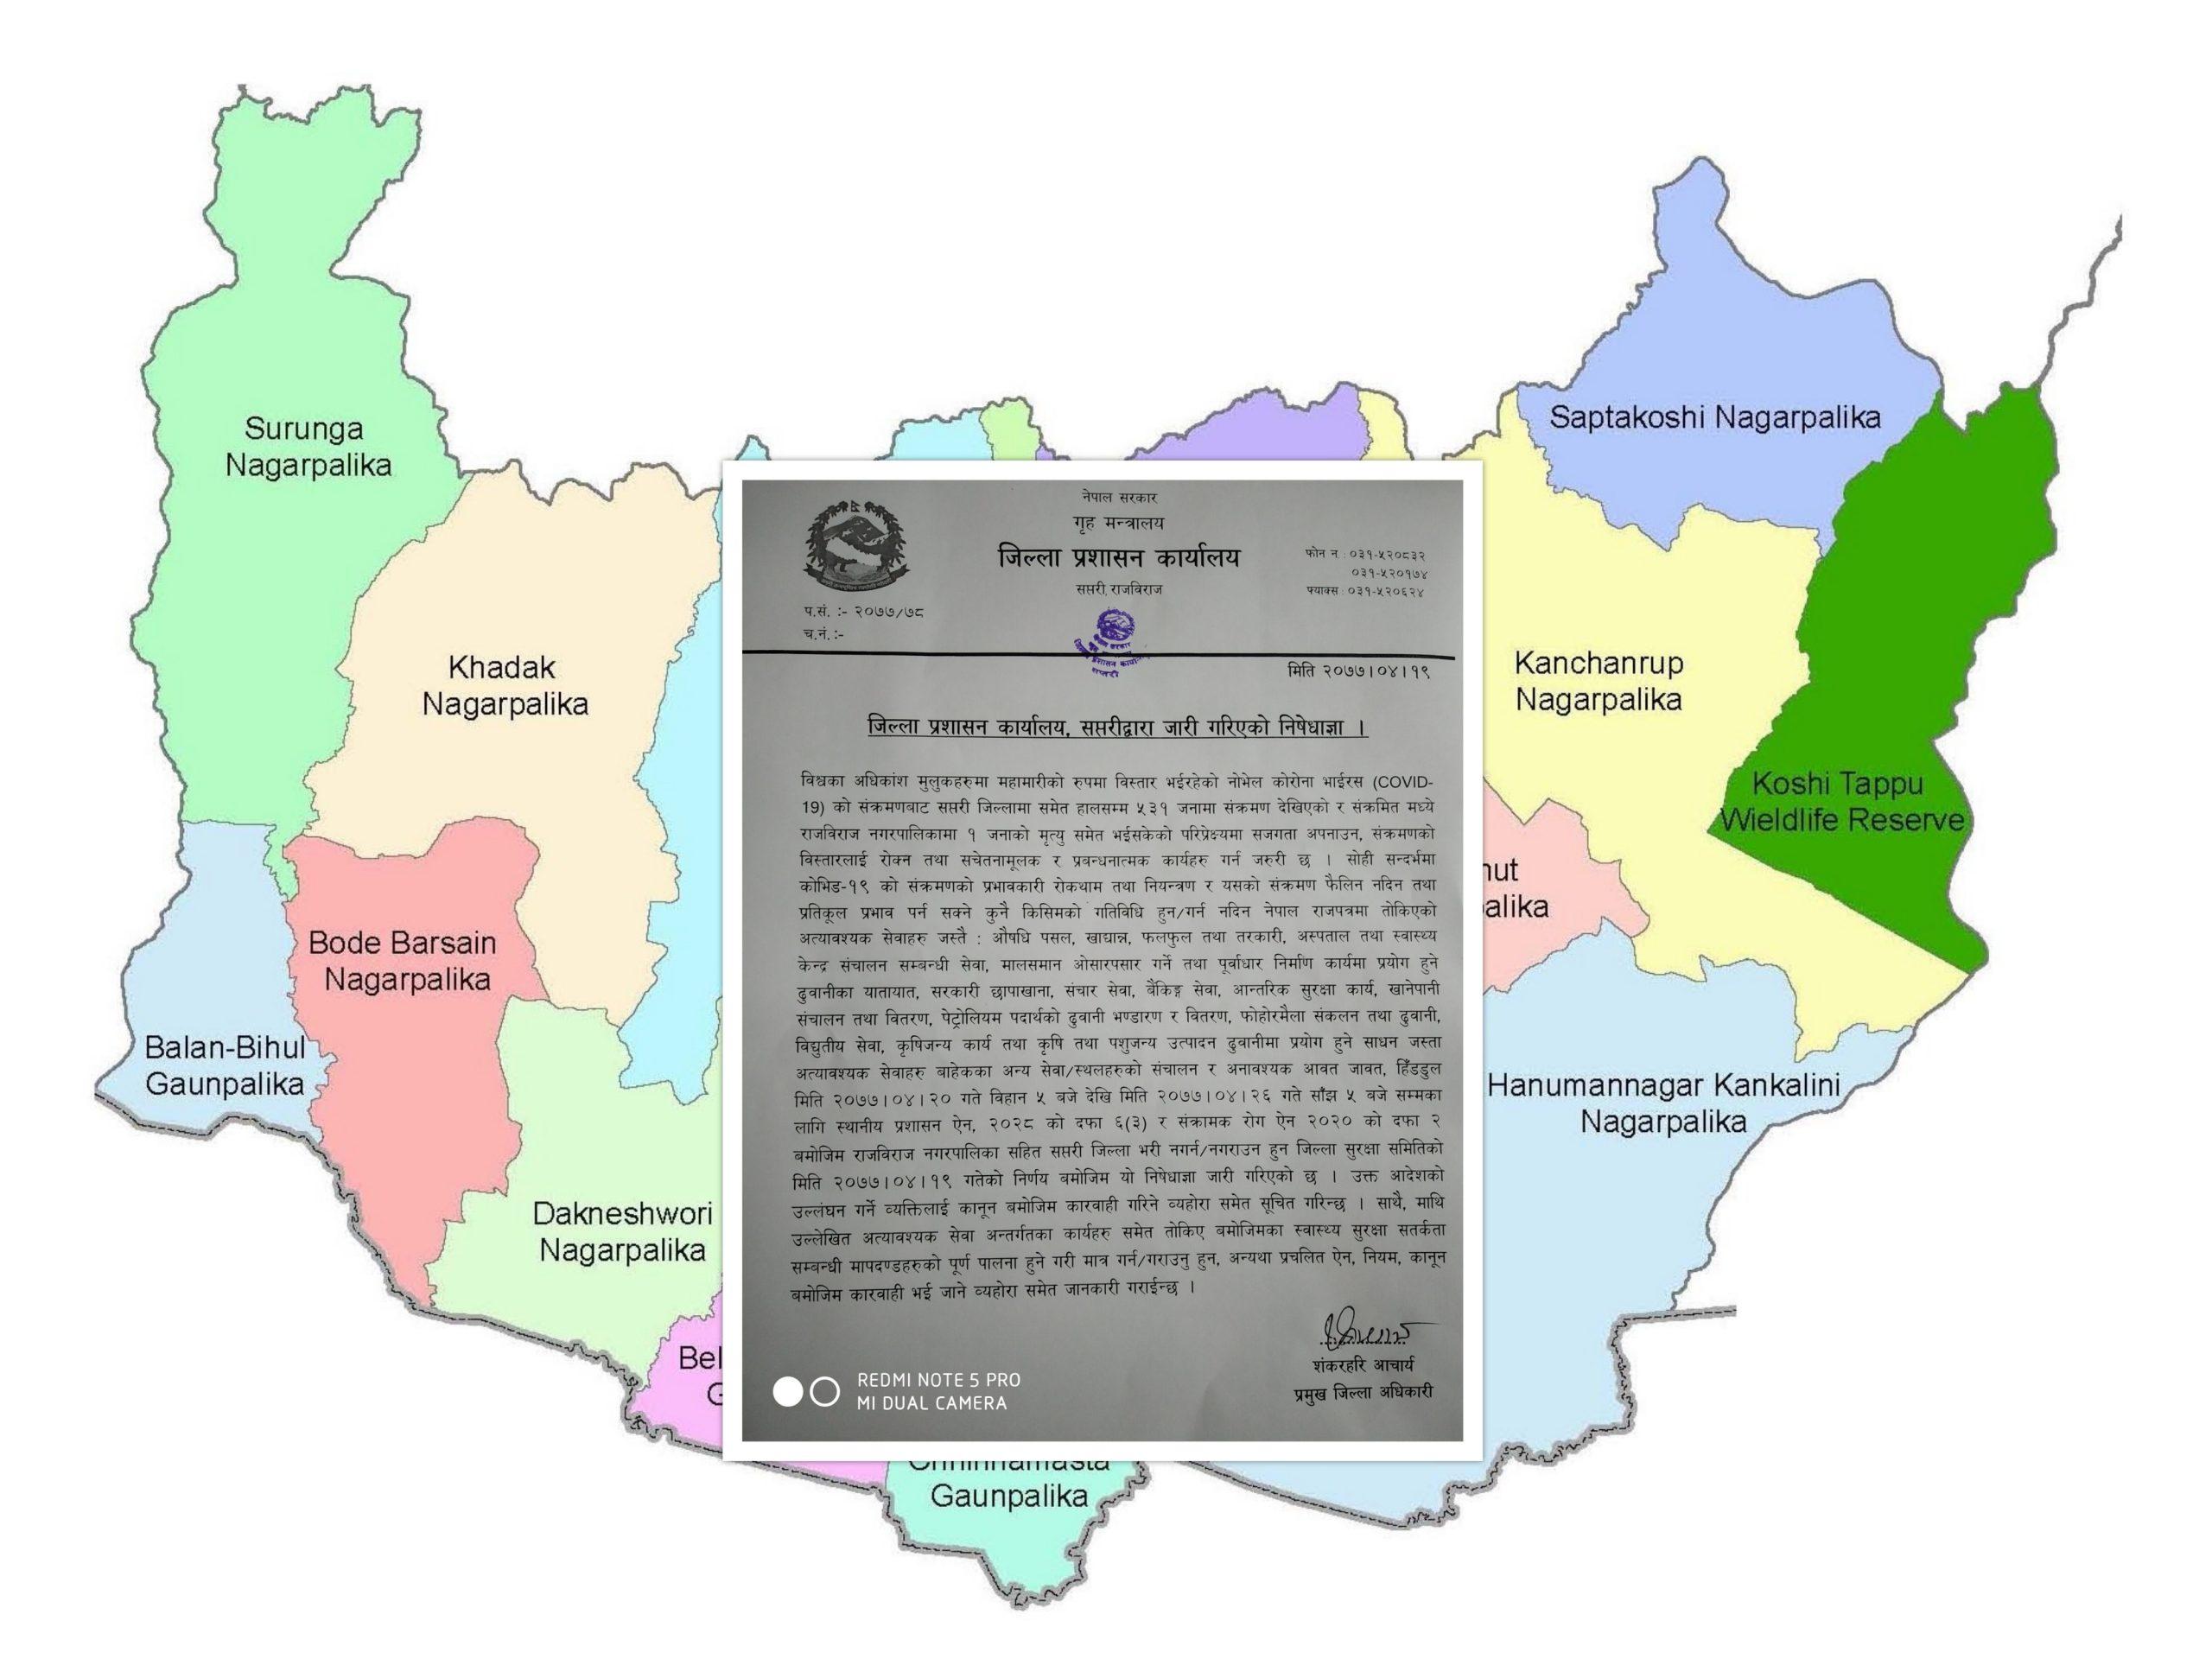 जिल्ला सुरक्षा समितिको निर्णयः मंगलवारदेखि लागू हुने गरी ७ दिनसम्म जिल्लाभरी निशेधाज्ञा